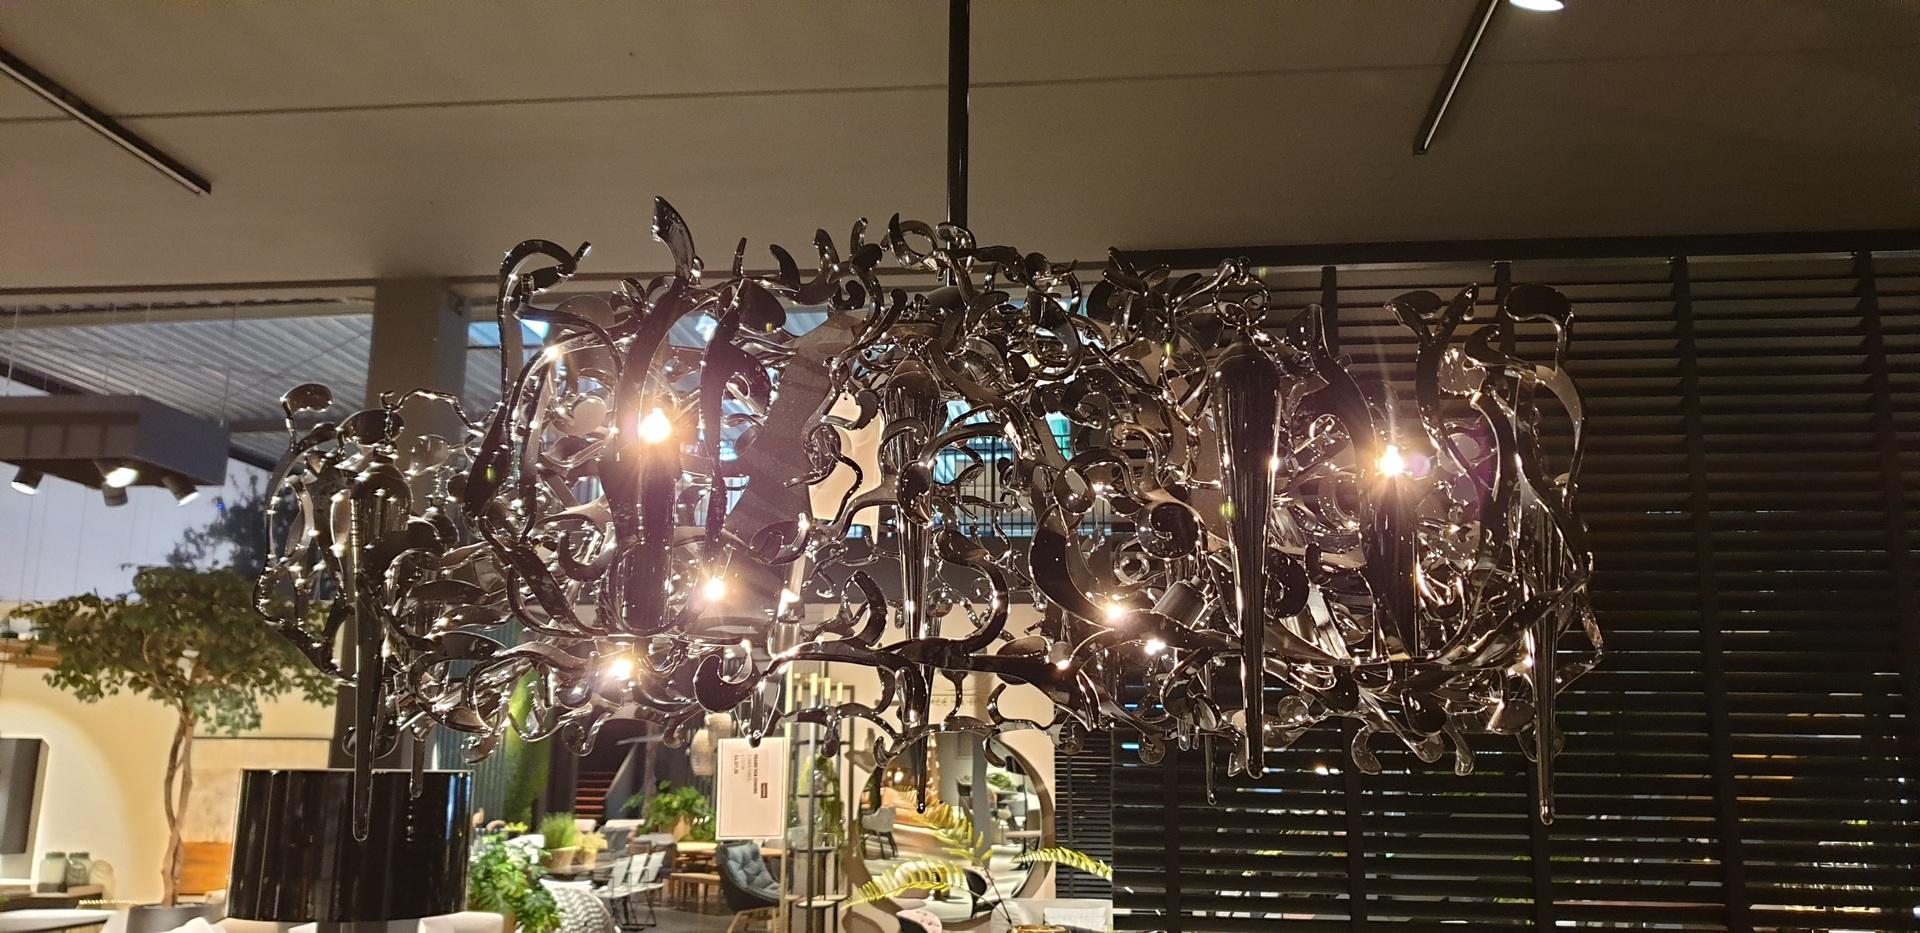 Brand van Egmond lamp Flower Power 4.jpg